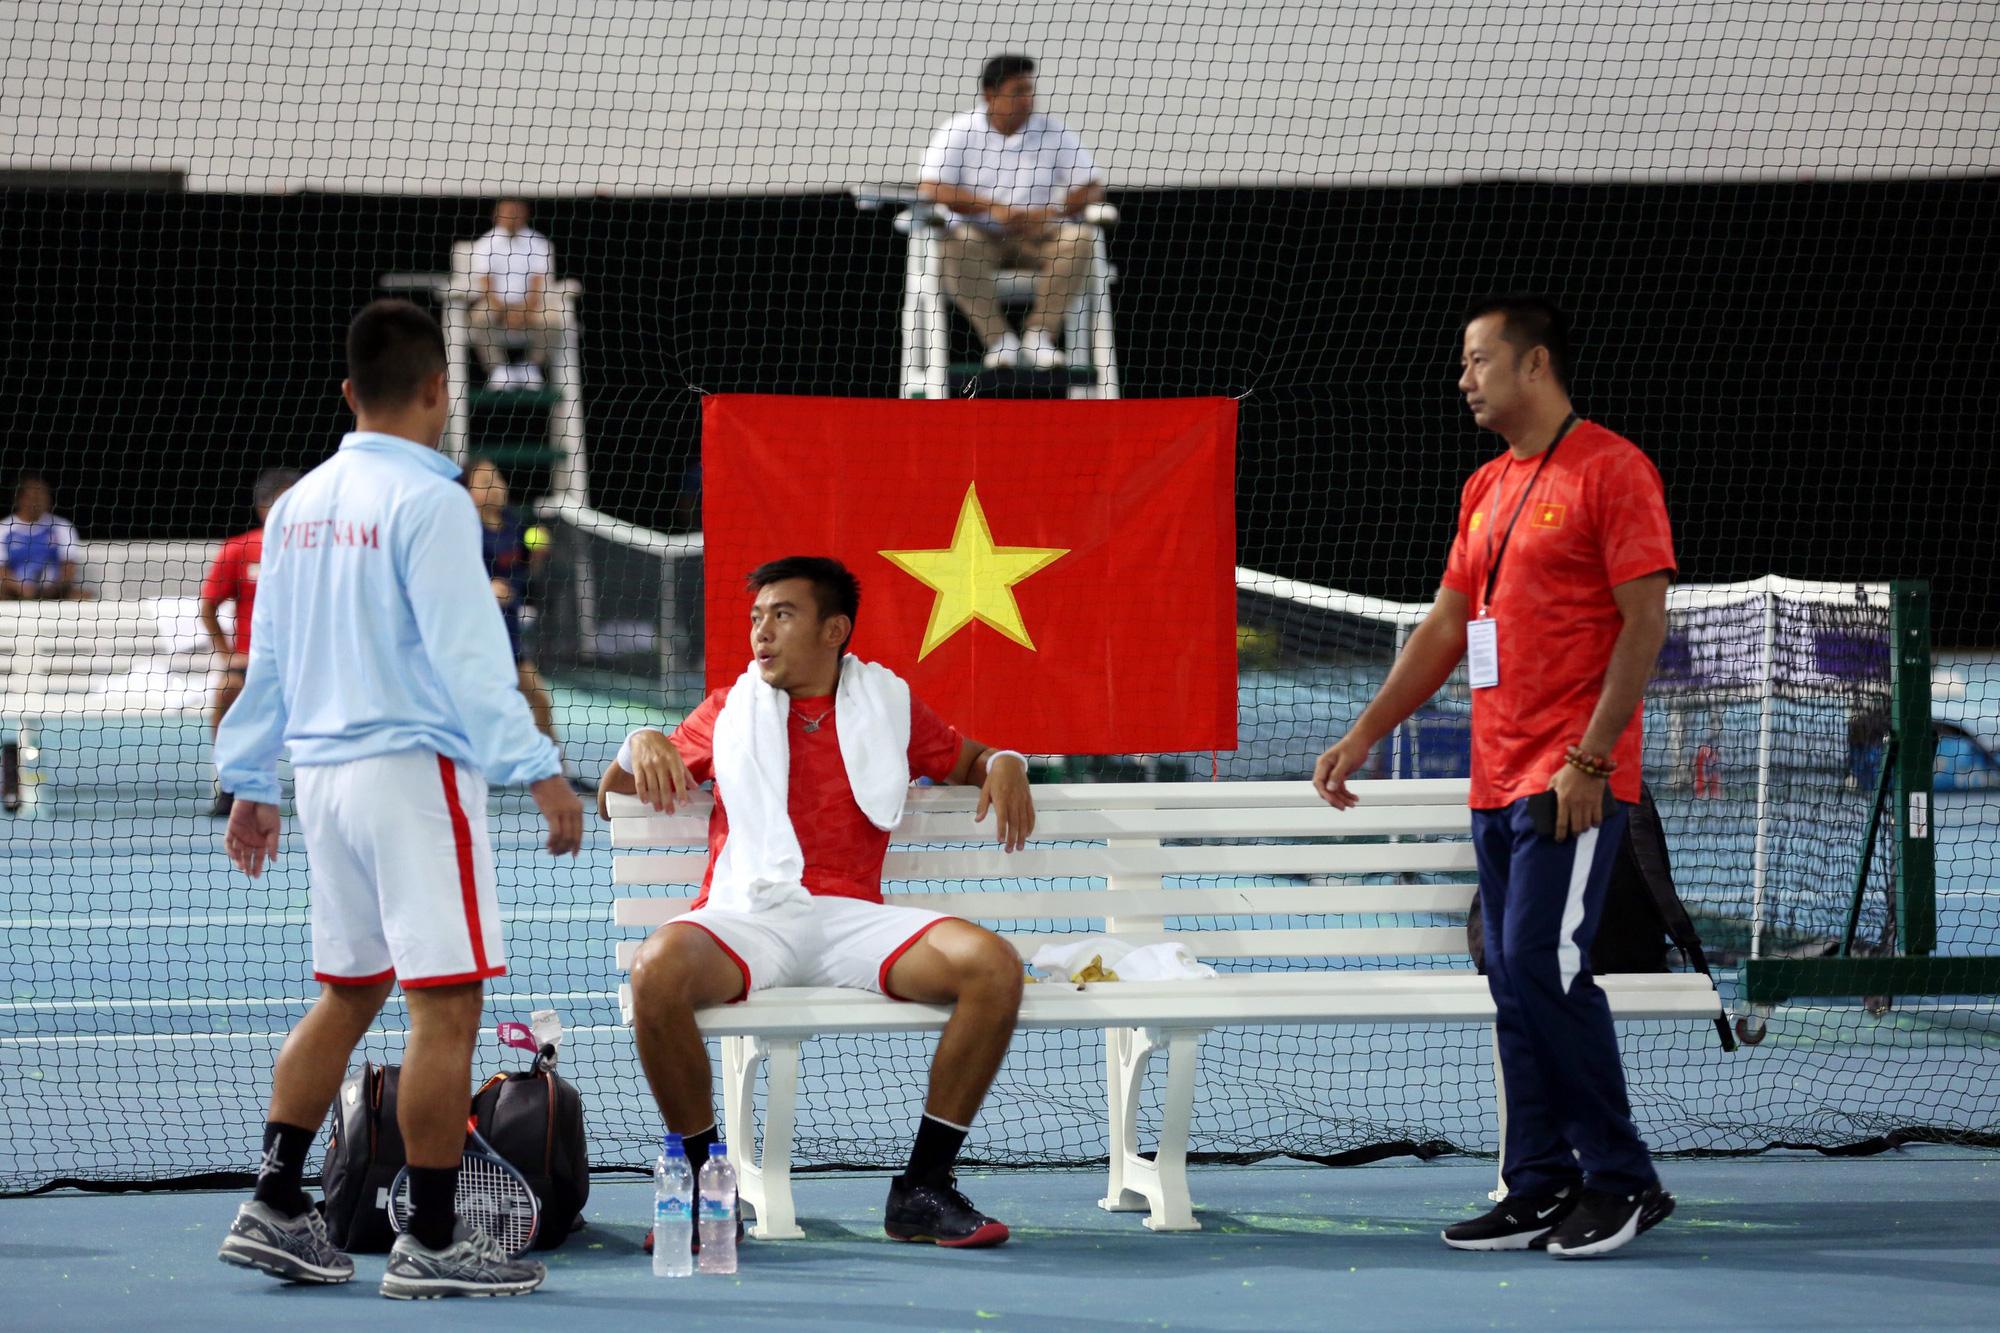 Hình ảnh: Tuyển Paciffic Oceania ấn tượng nhưng Davis Cup Việt Nam mới xuất sắc số 2